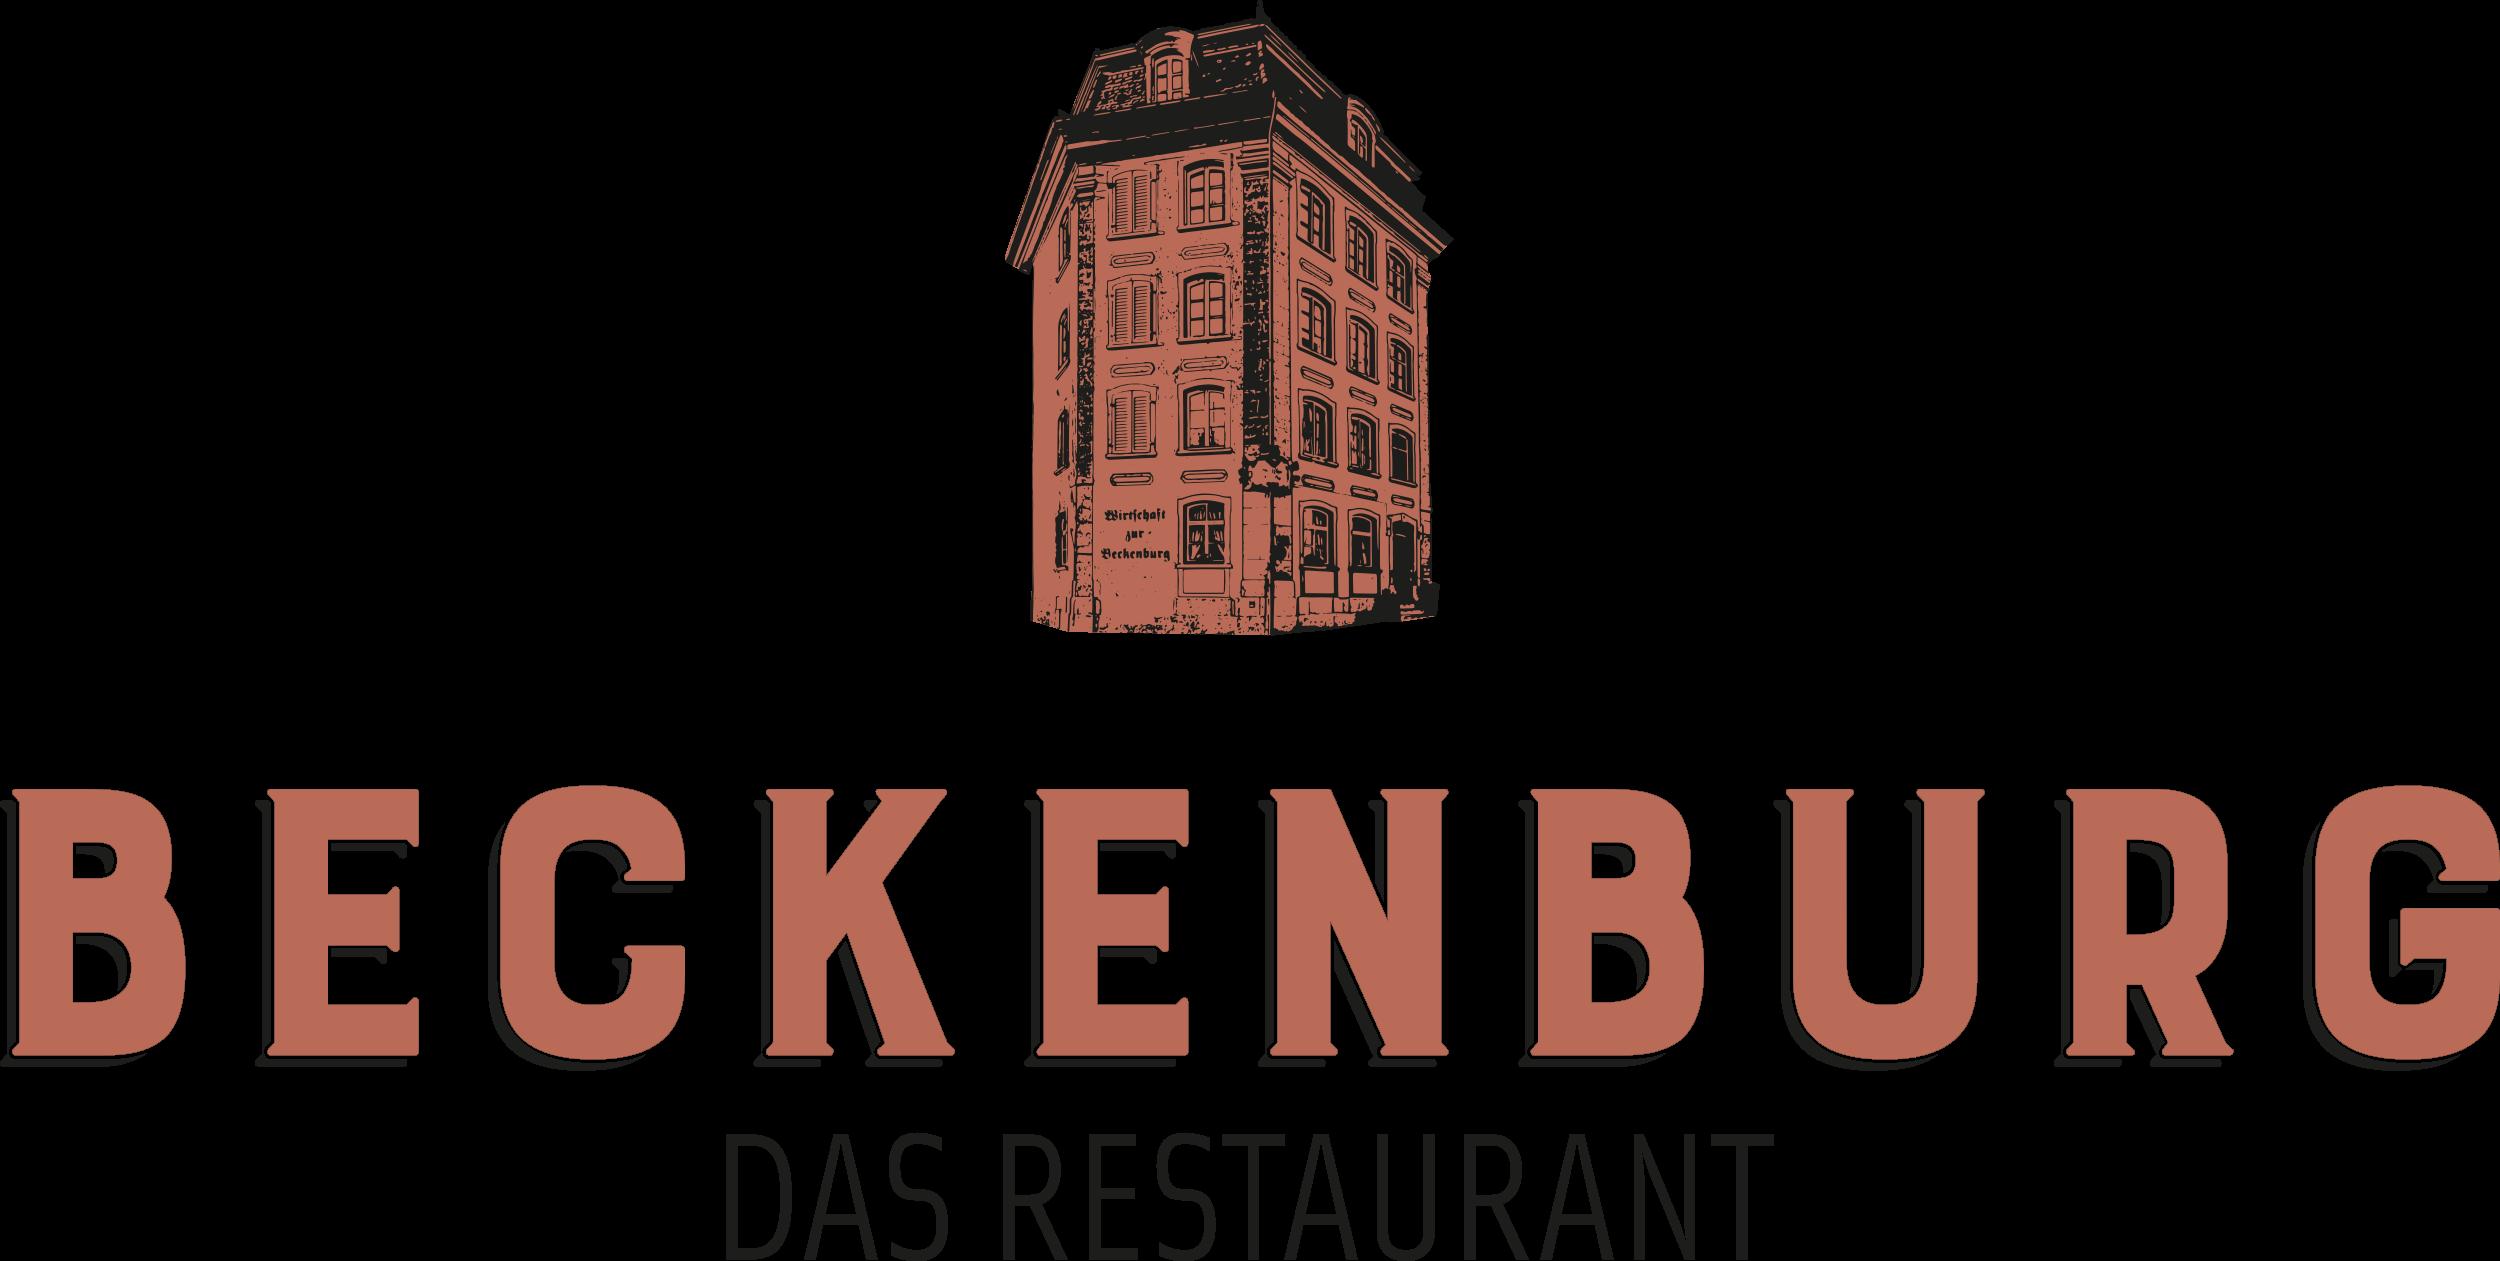 Beckenburg - Das Restaurant